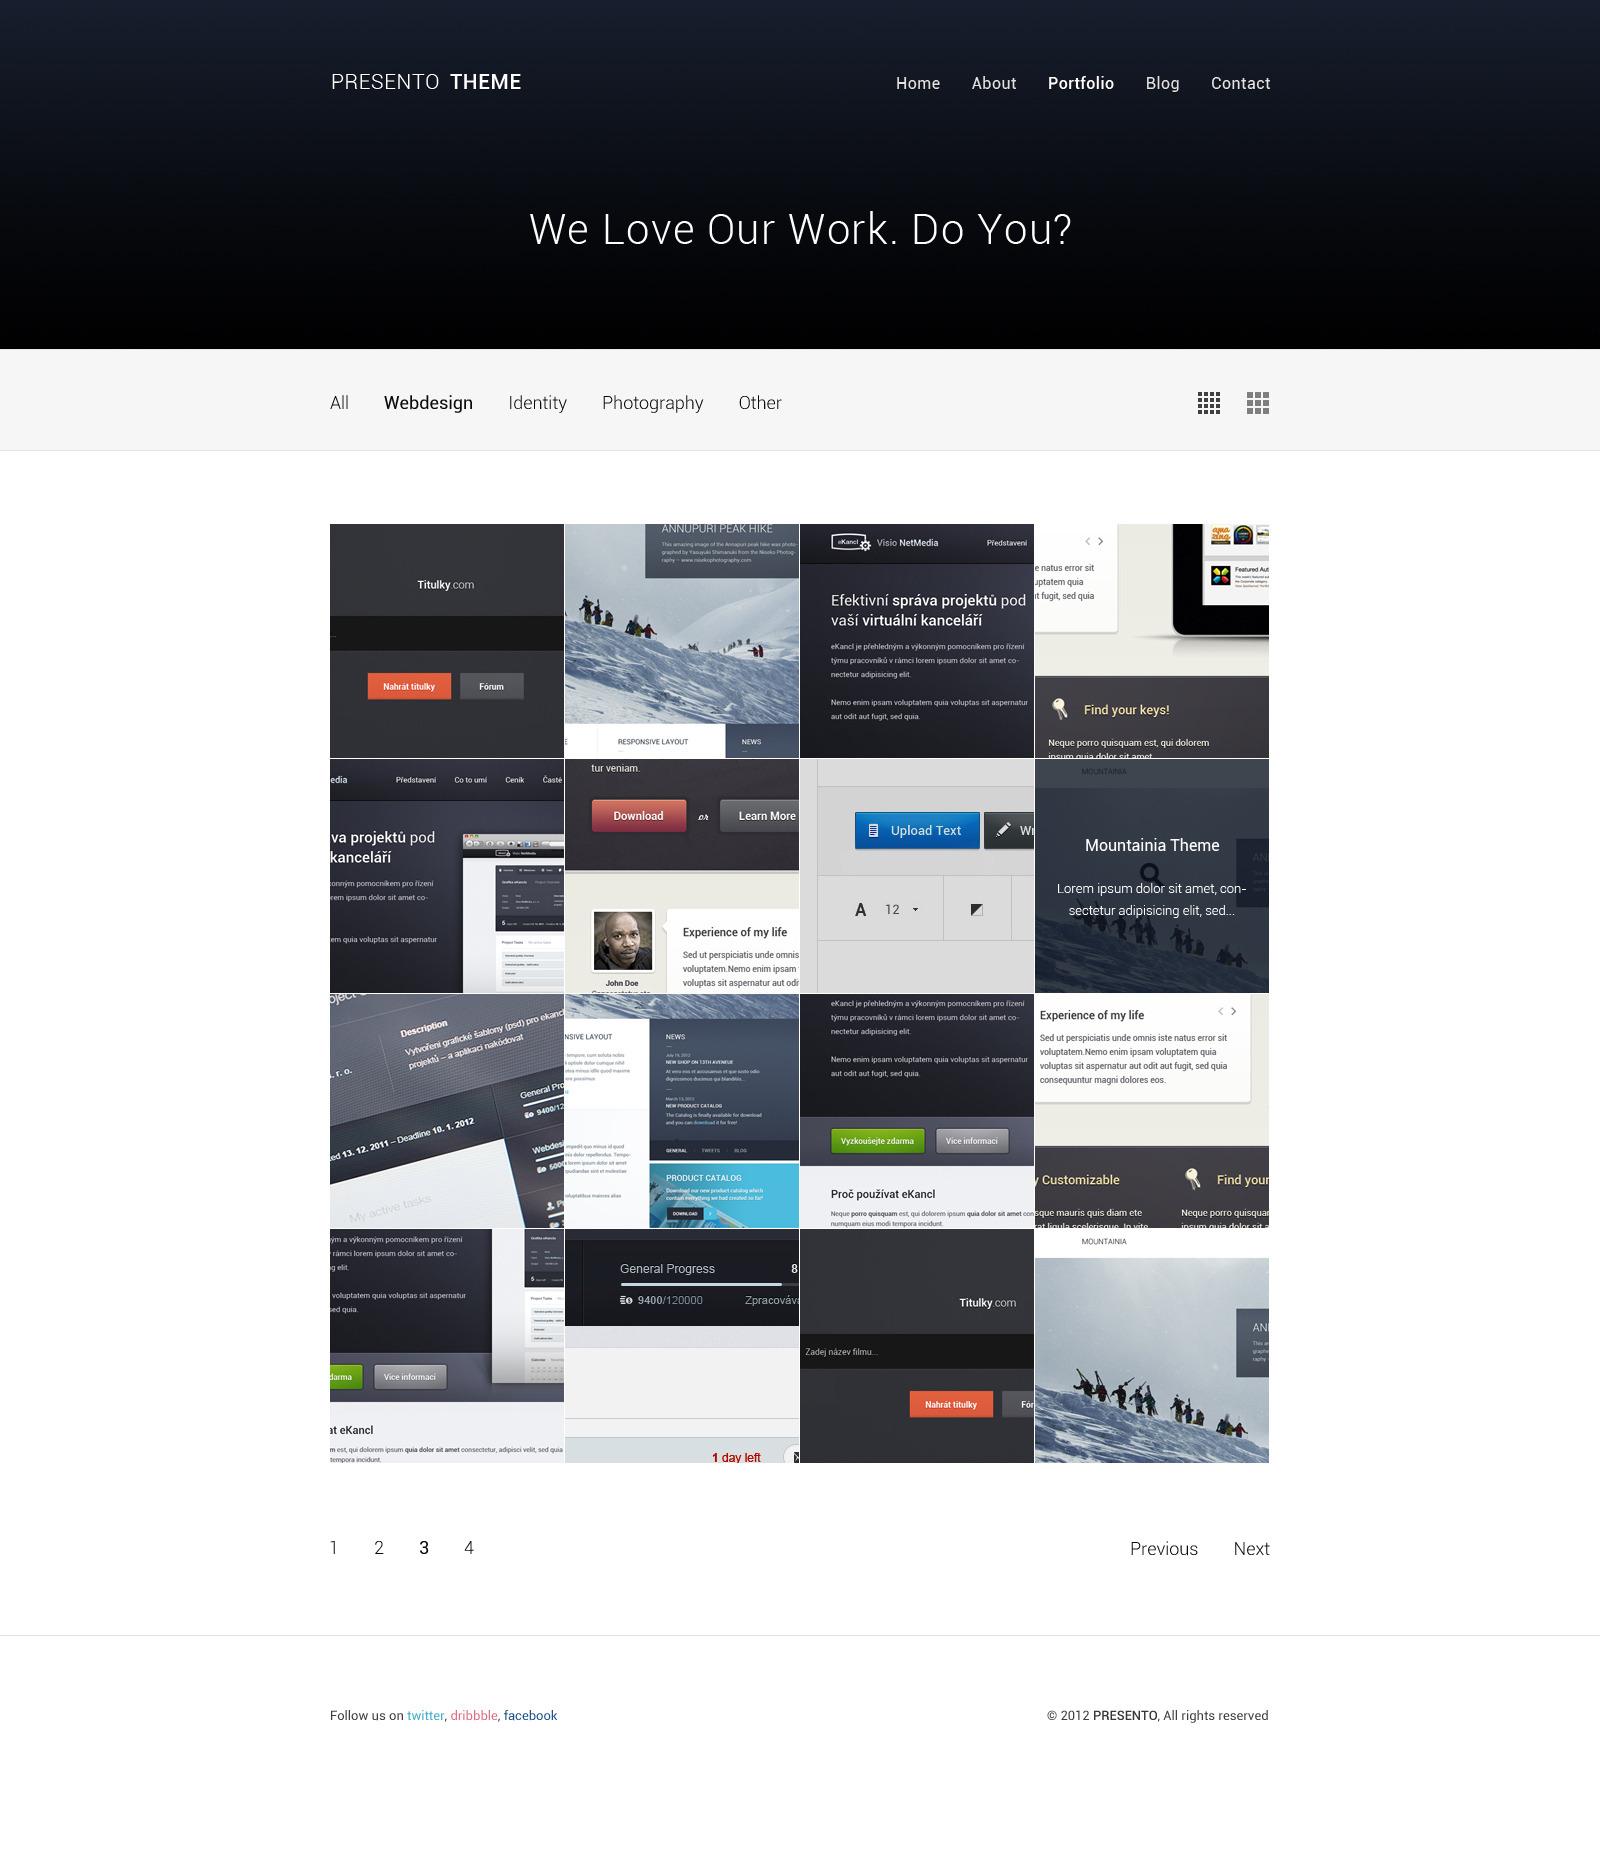 Presento - Responsive Portfolio Theme